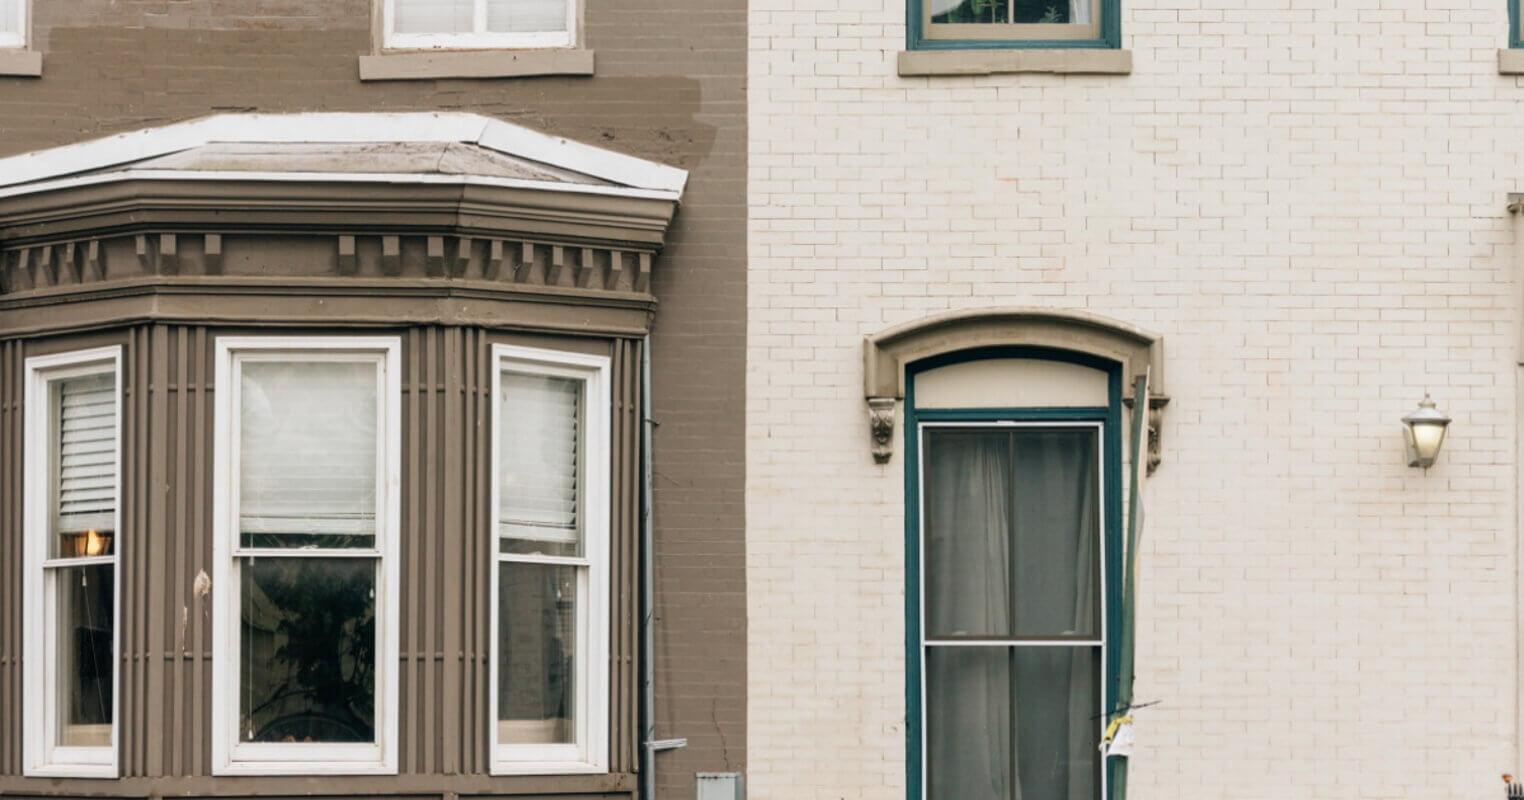 finestra a bovindo, una finestra tipicamente inglese